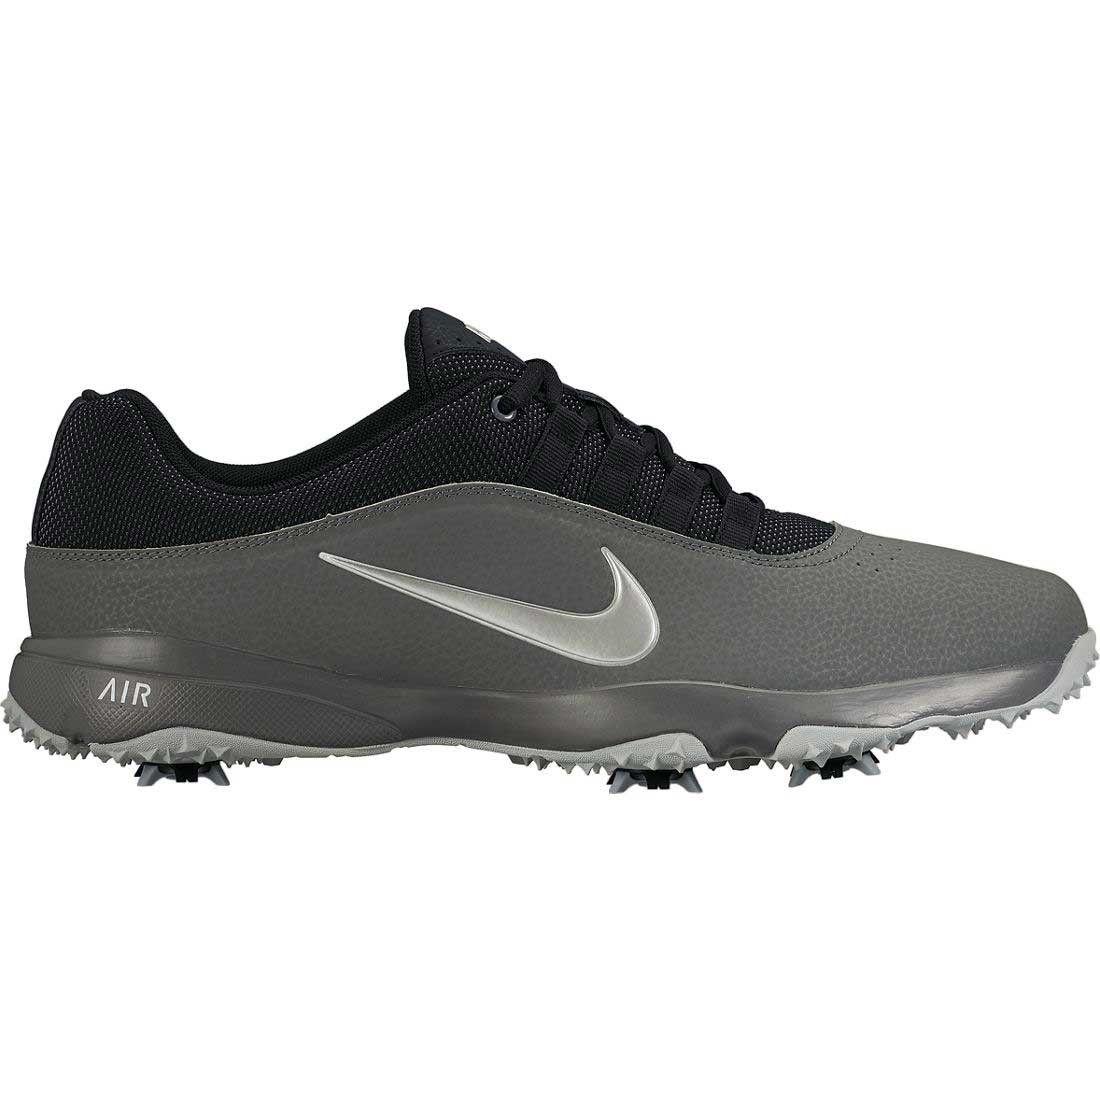 Nike Air Rival 4 Golf Shoes | Nike Air